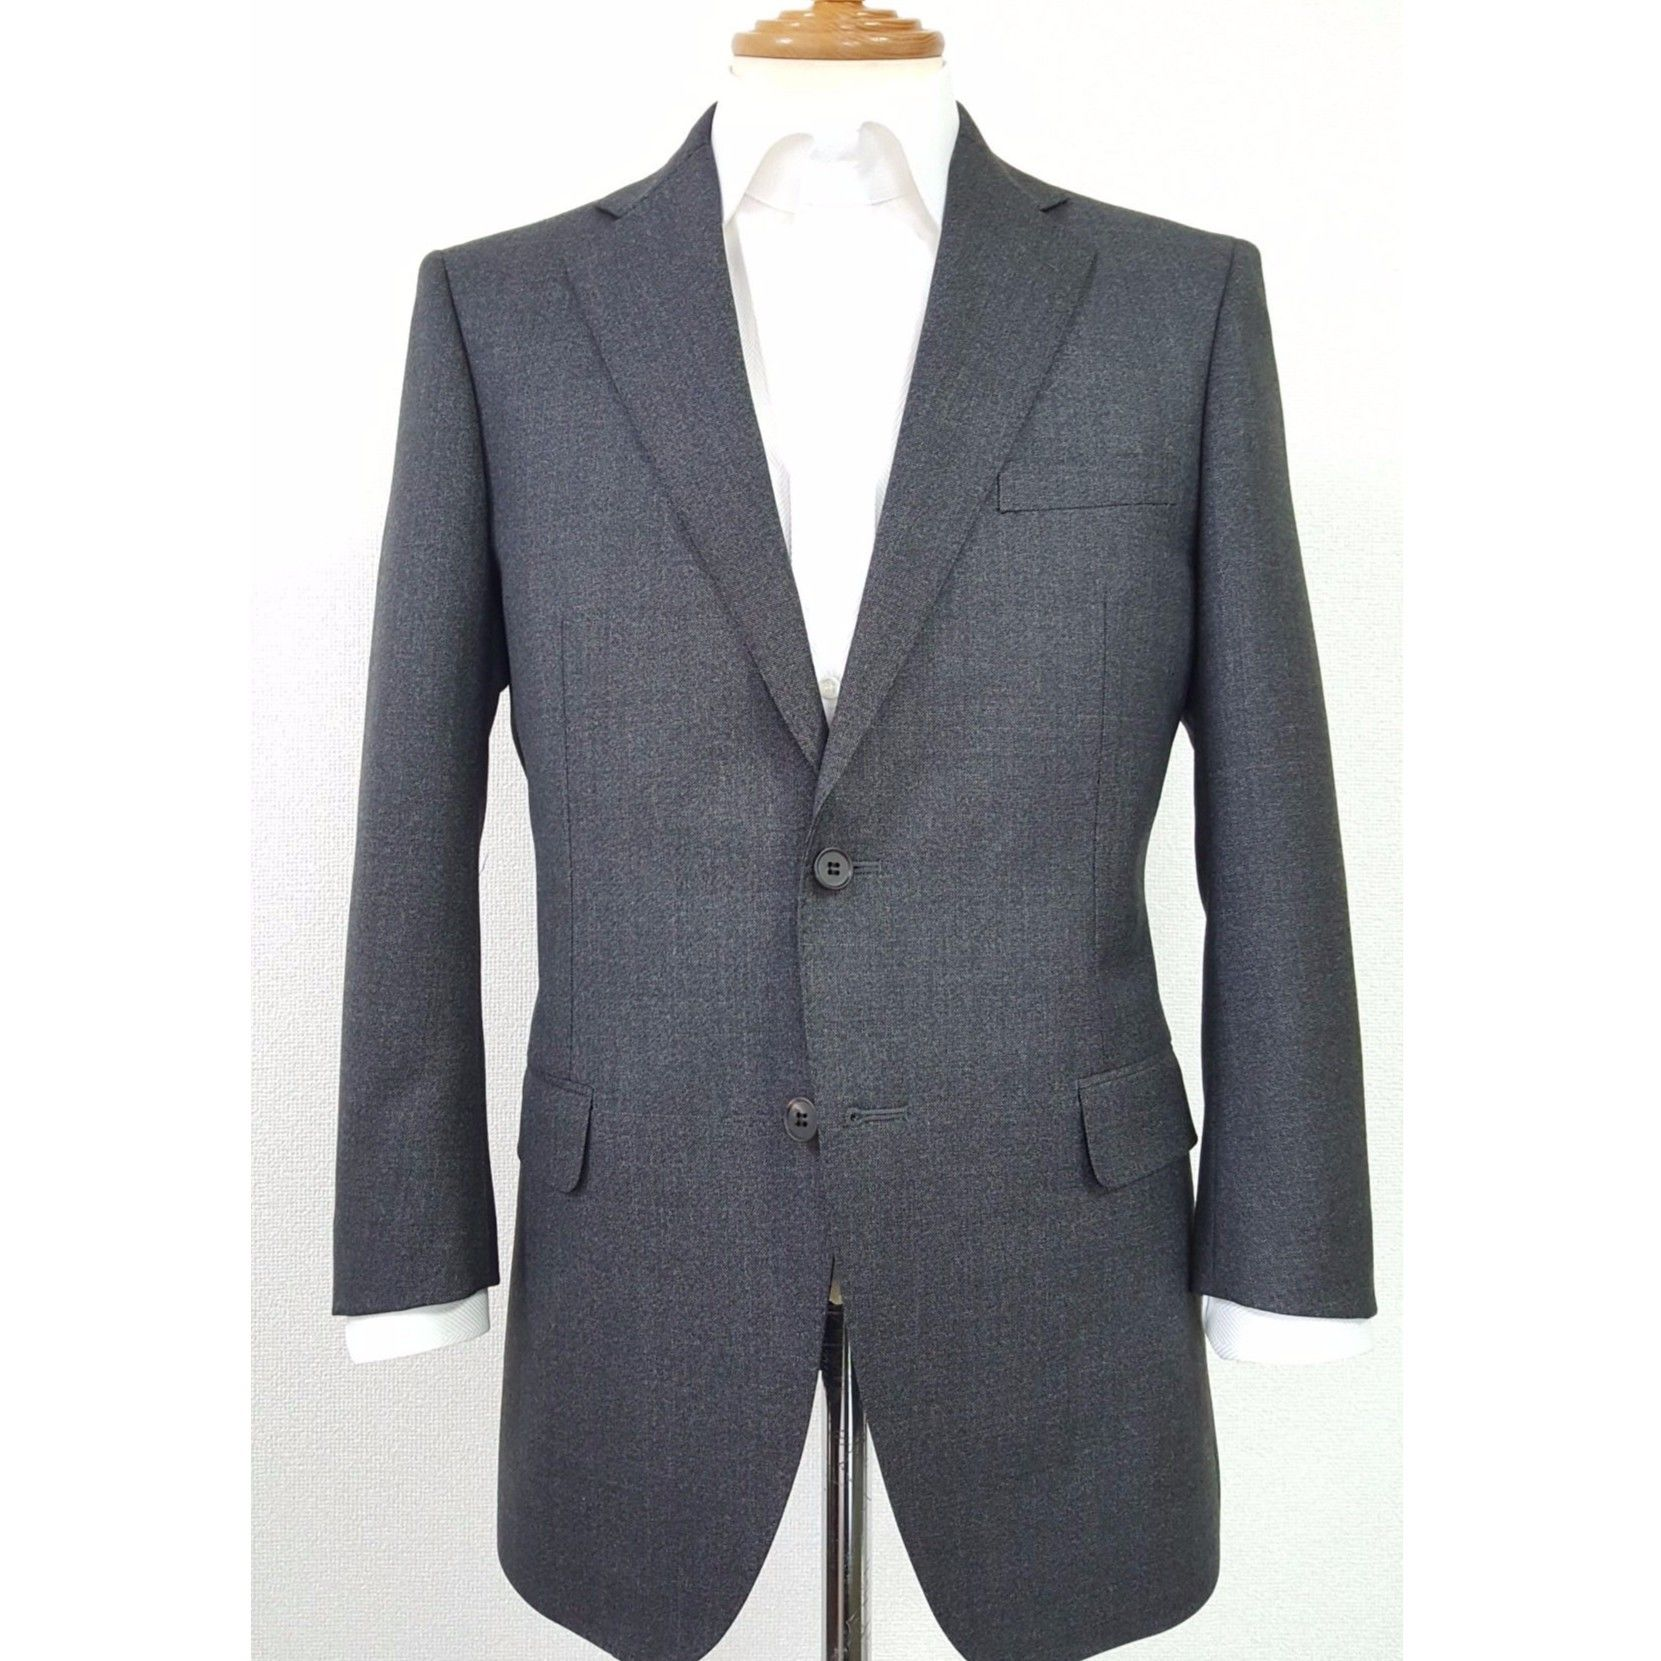 ※現物1点限り〔イタリア生地×国内縫製〕カノニコ社の上質グレーウール2ピースメンズスーツ・肩幅45